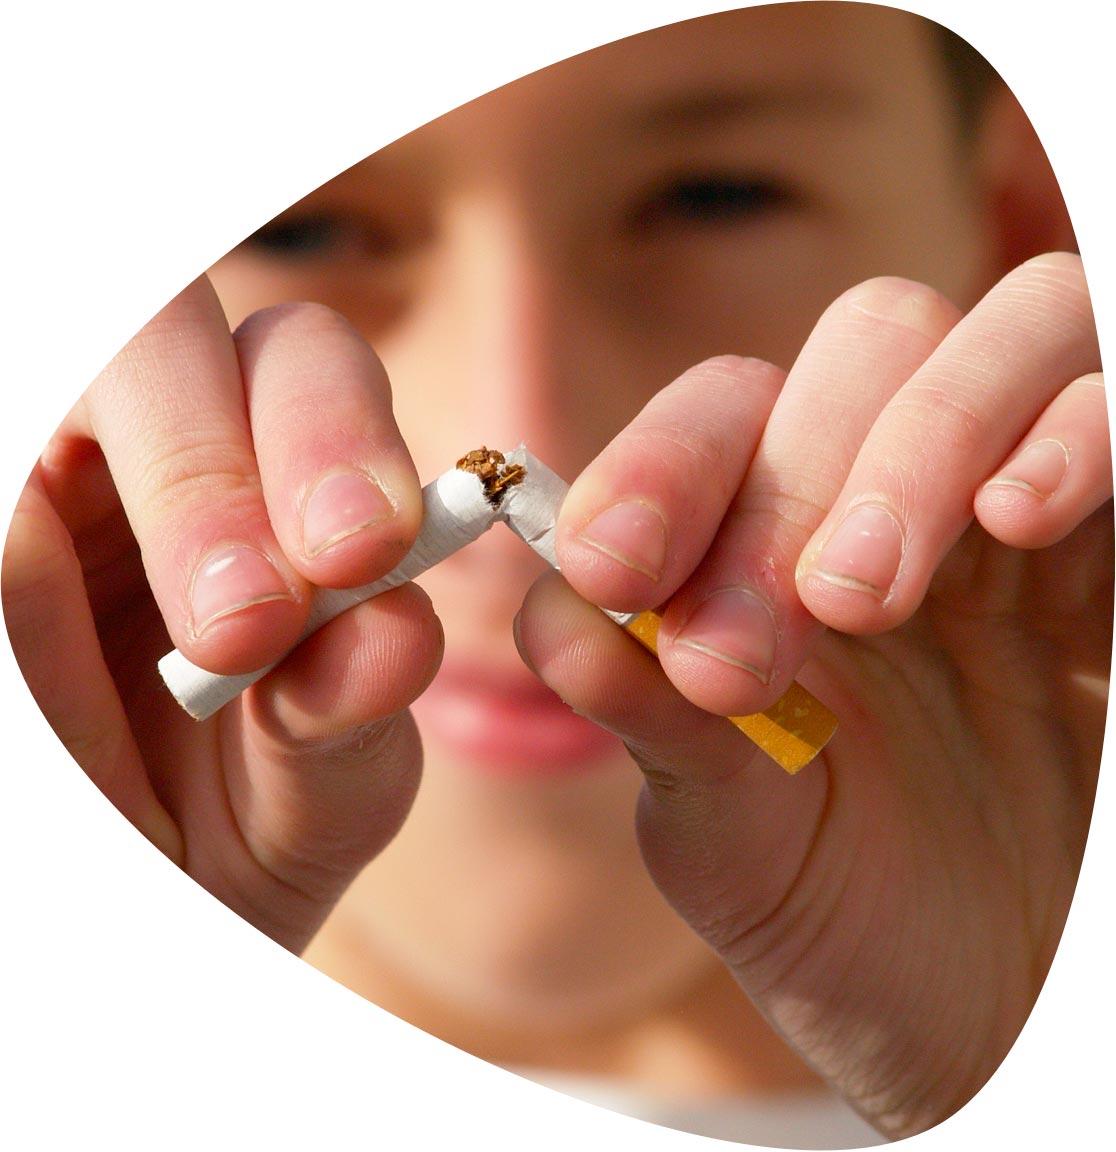 service arrêter le tabac grâce à l'hypnothérapie